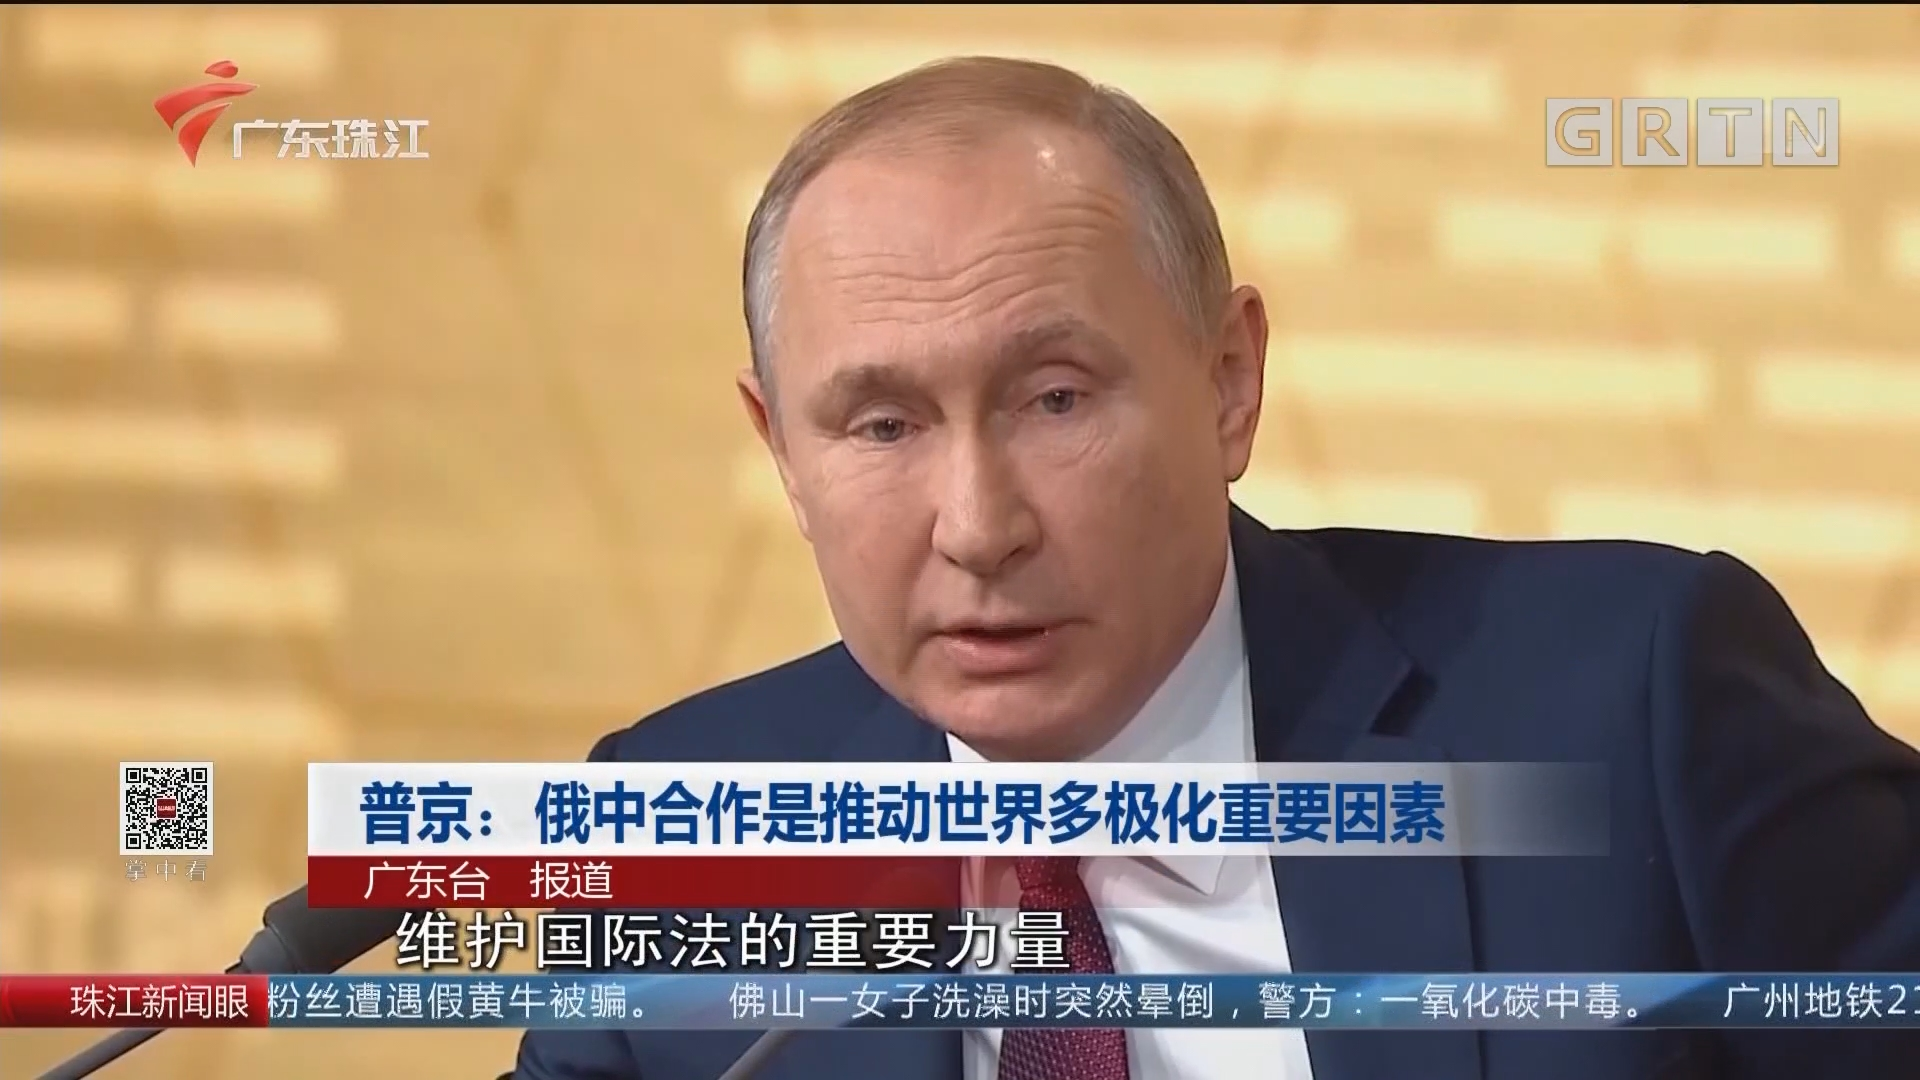 普京:俄中合作是推动世界多极化重要因素